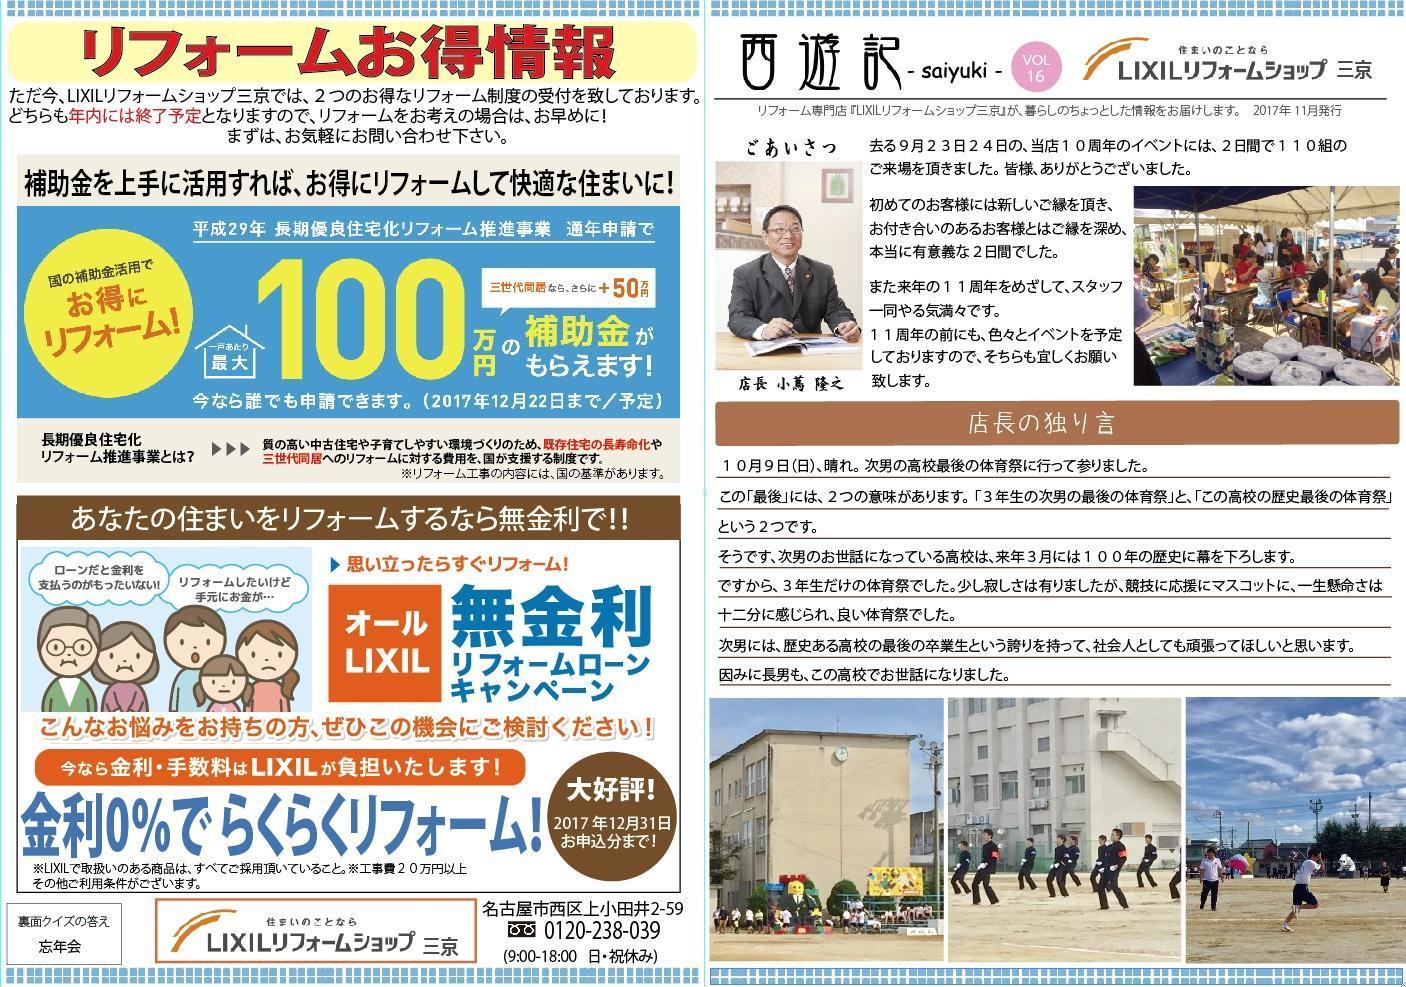 https://lixil-reformshop.jp/shop/SC00231038/photos/8528f4ff7035b4ee9af406ccd558934a8f803af4.jpg